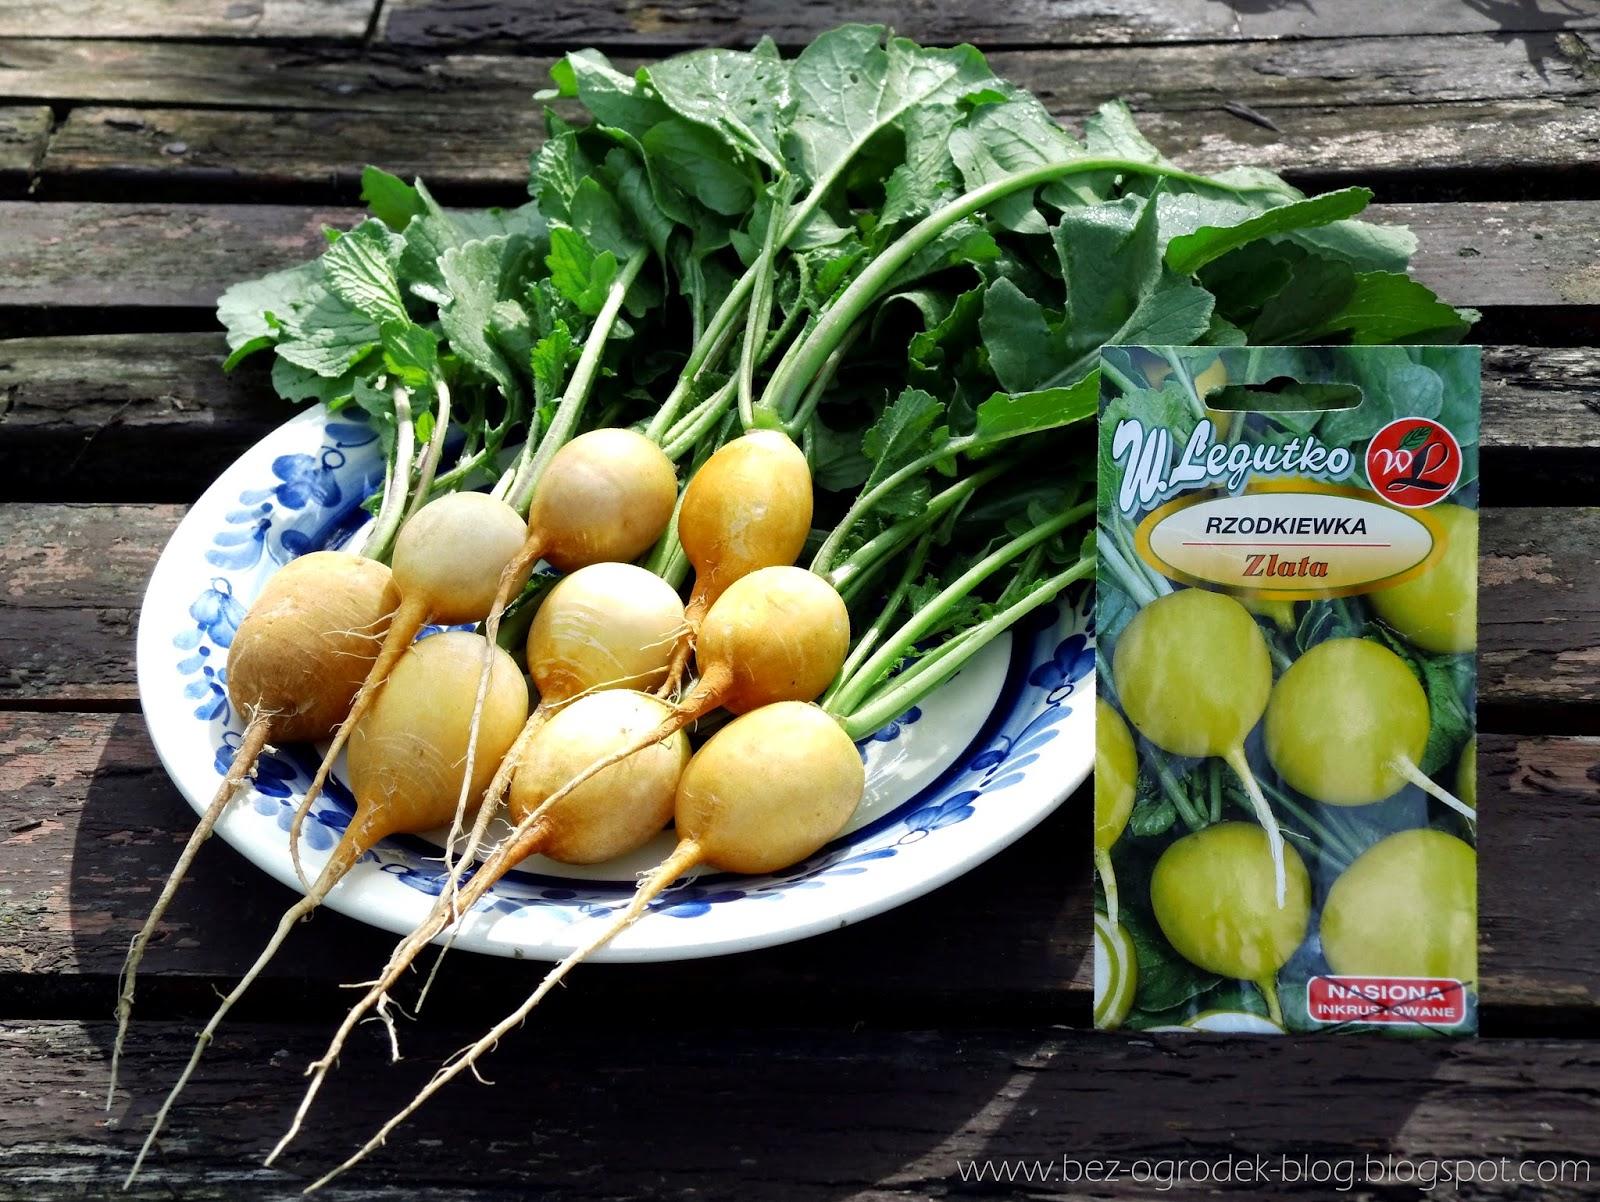 黄色いラディッシュ西洋野菜「ズラータ」